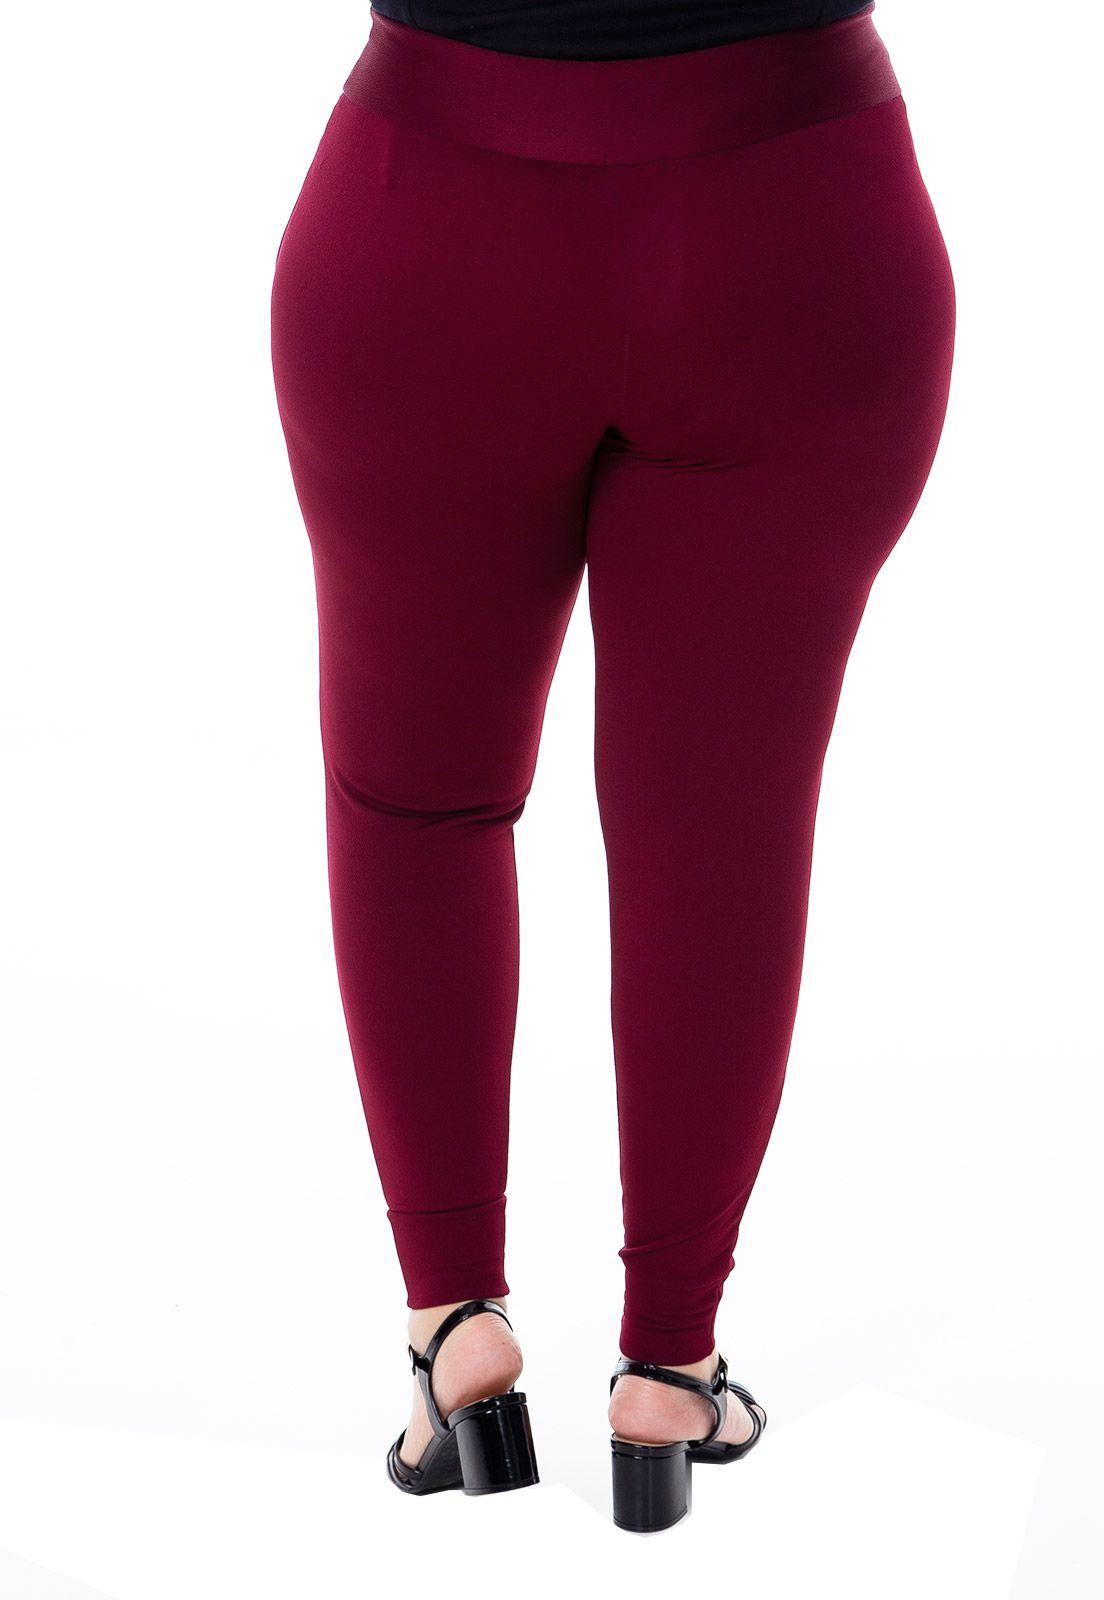 Calça plus size jogging de malha vinho